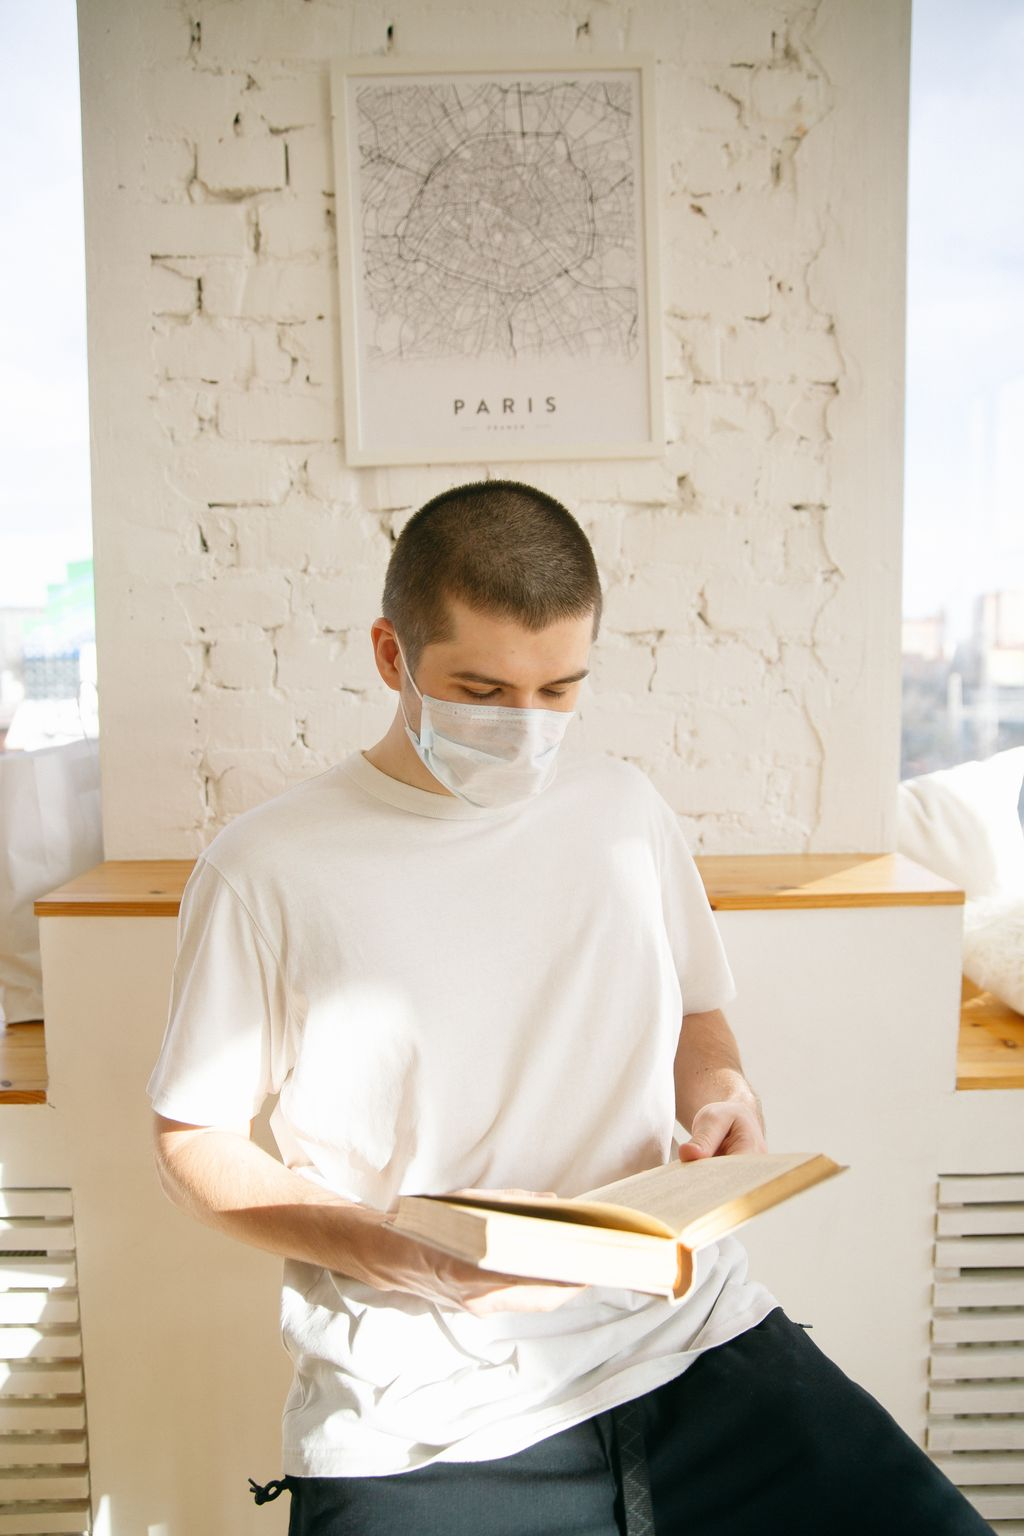 man-wearing-face-mask-while-reading-4008523-ka0w5ruu